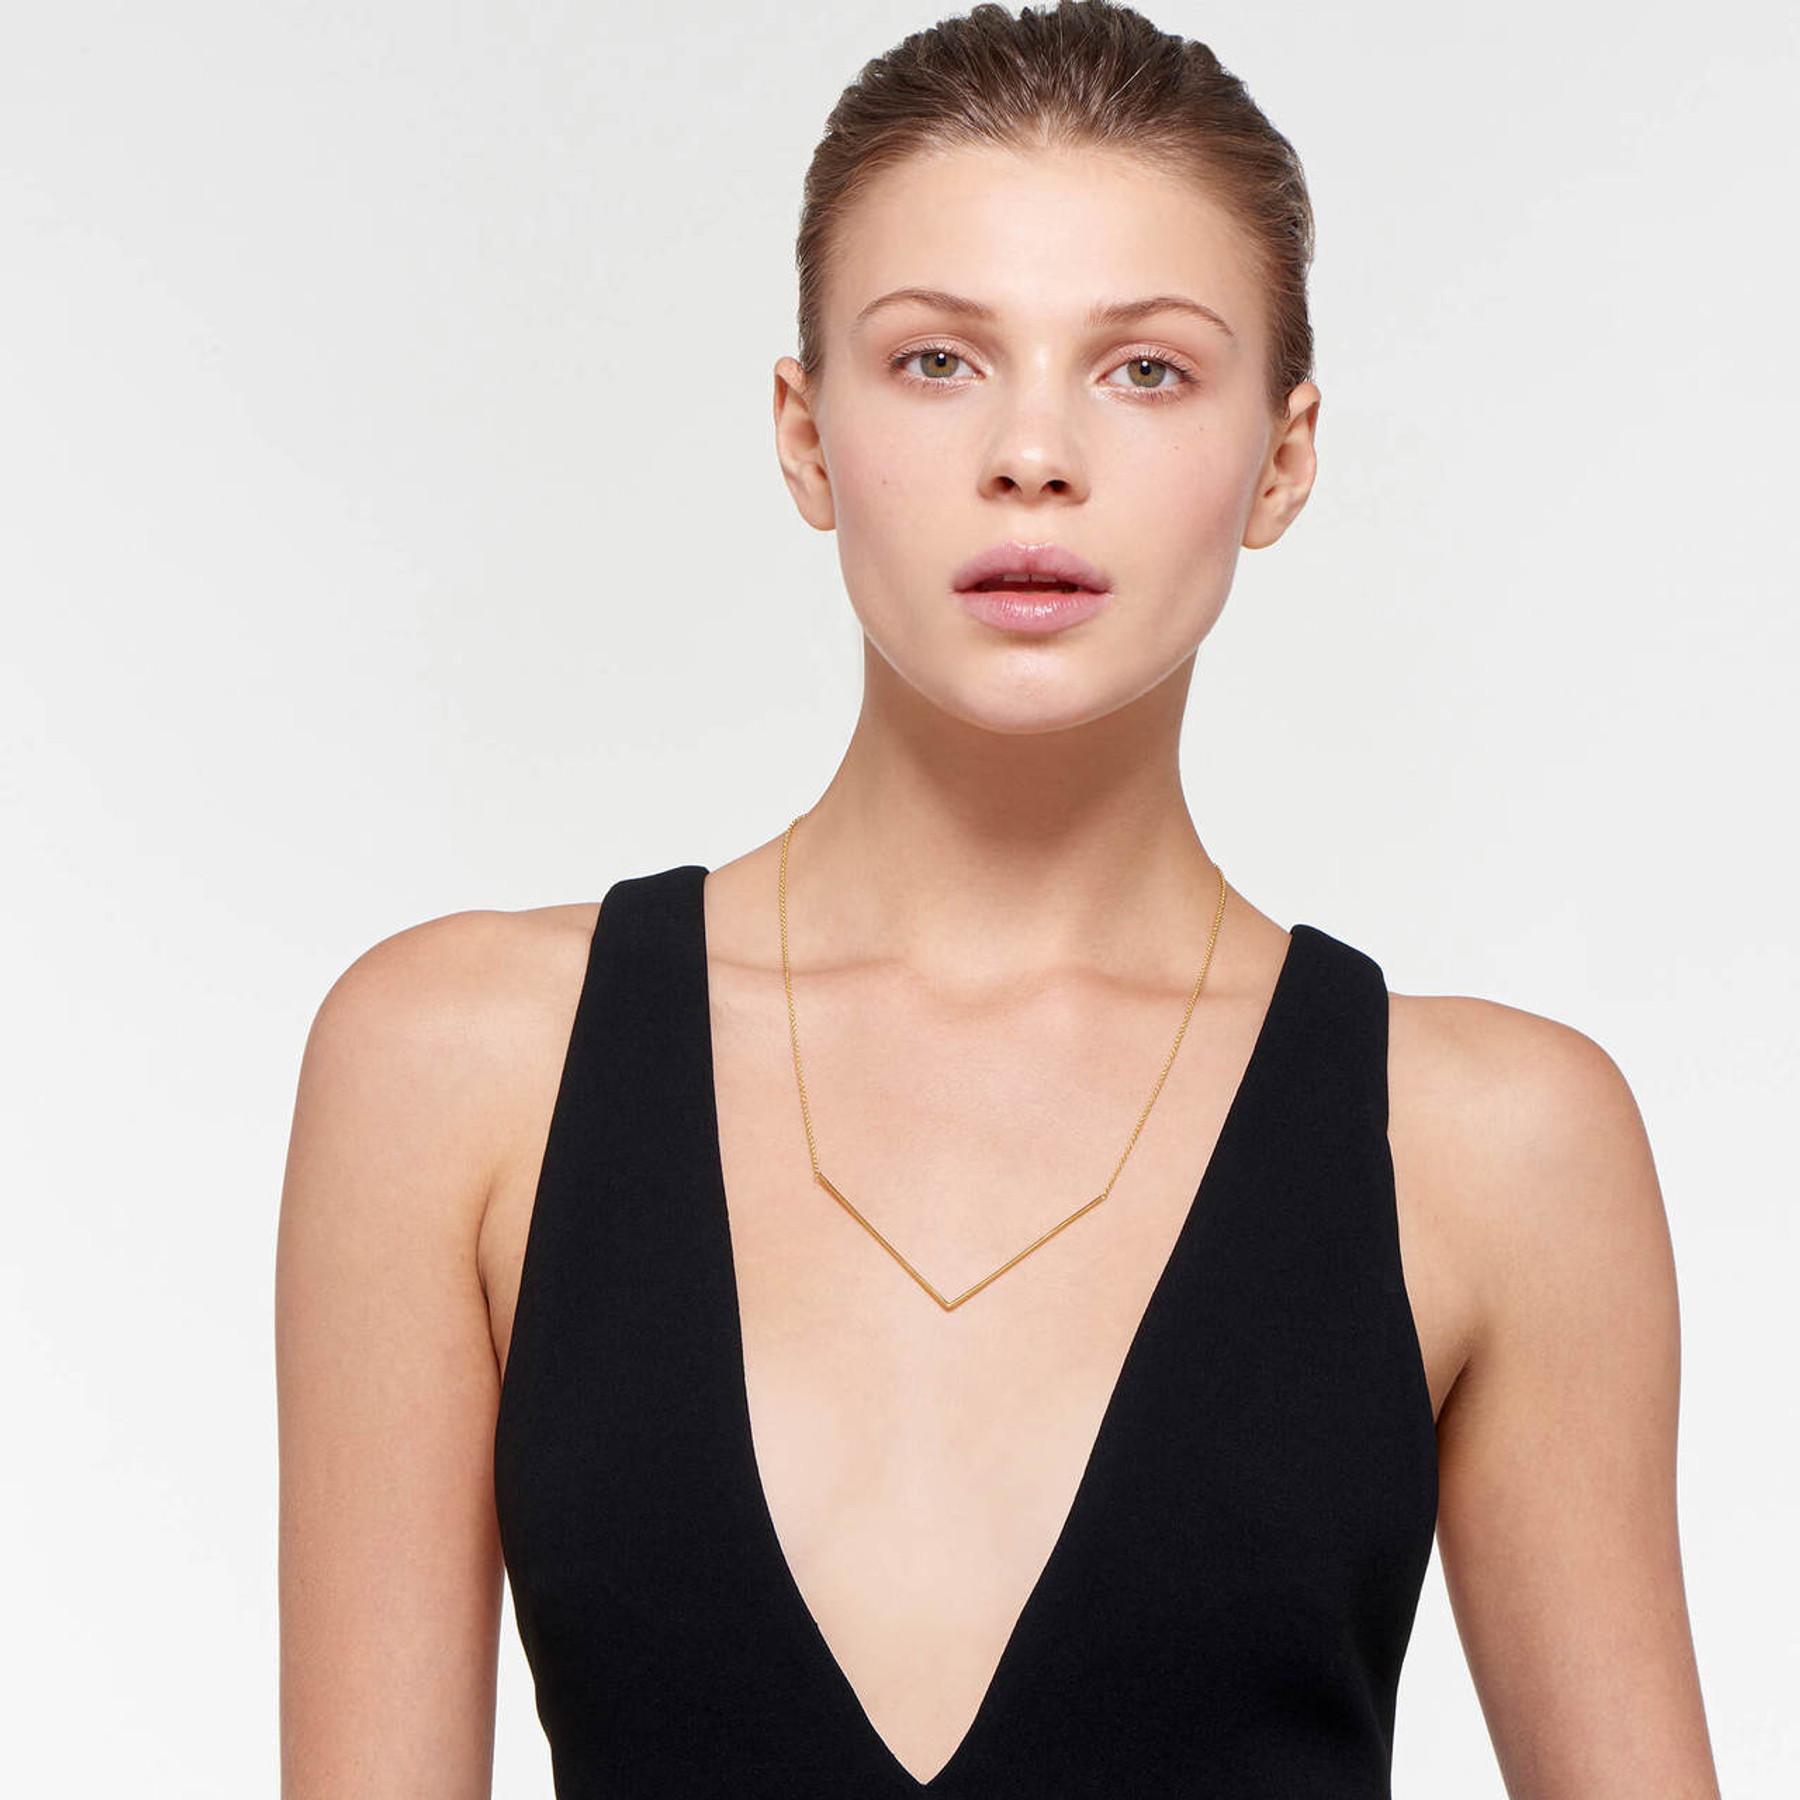 V-Neck Necklace